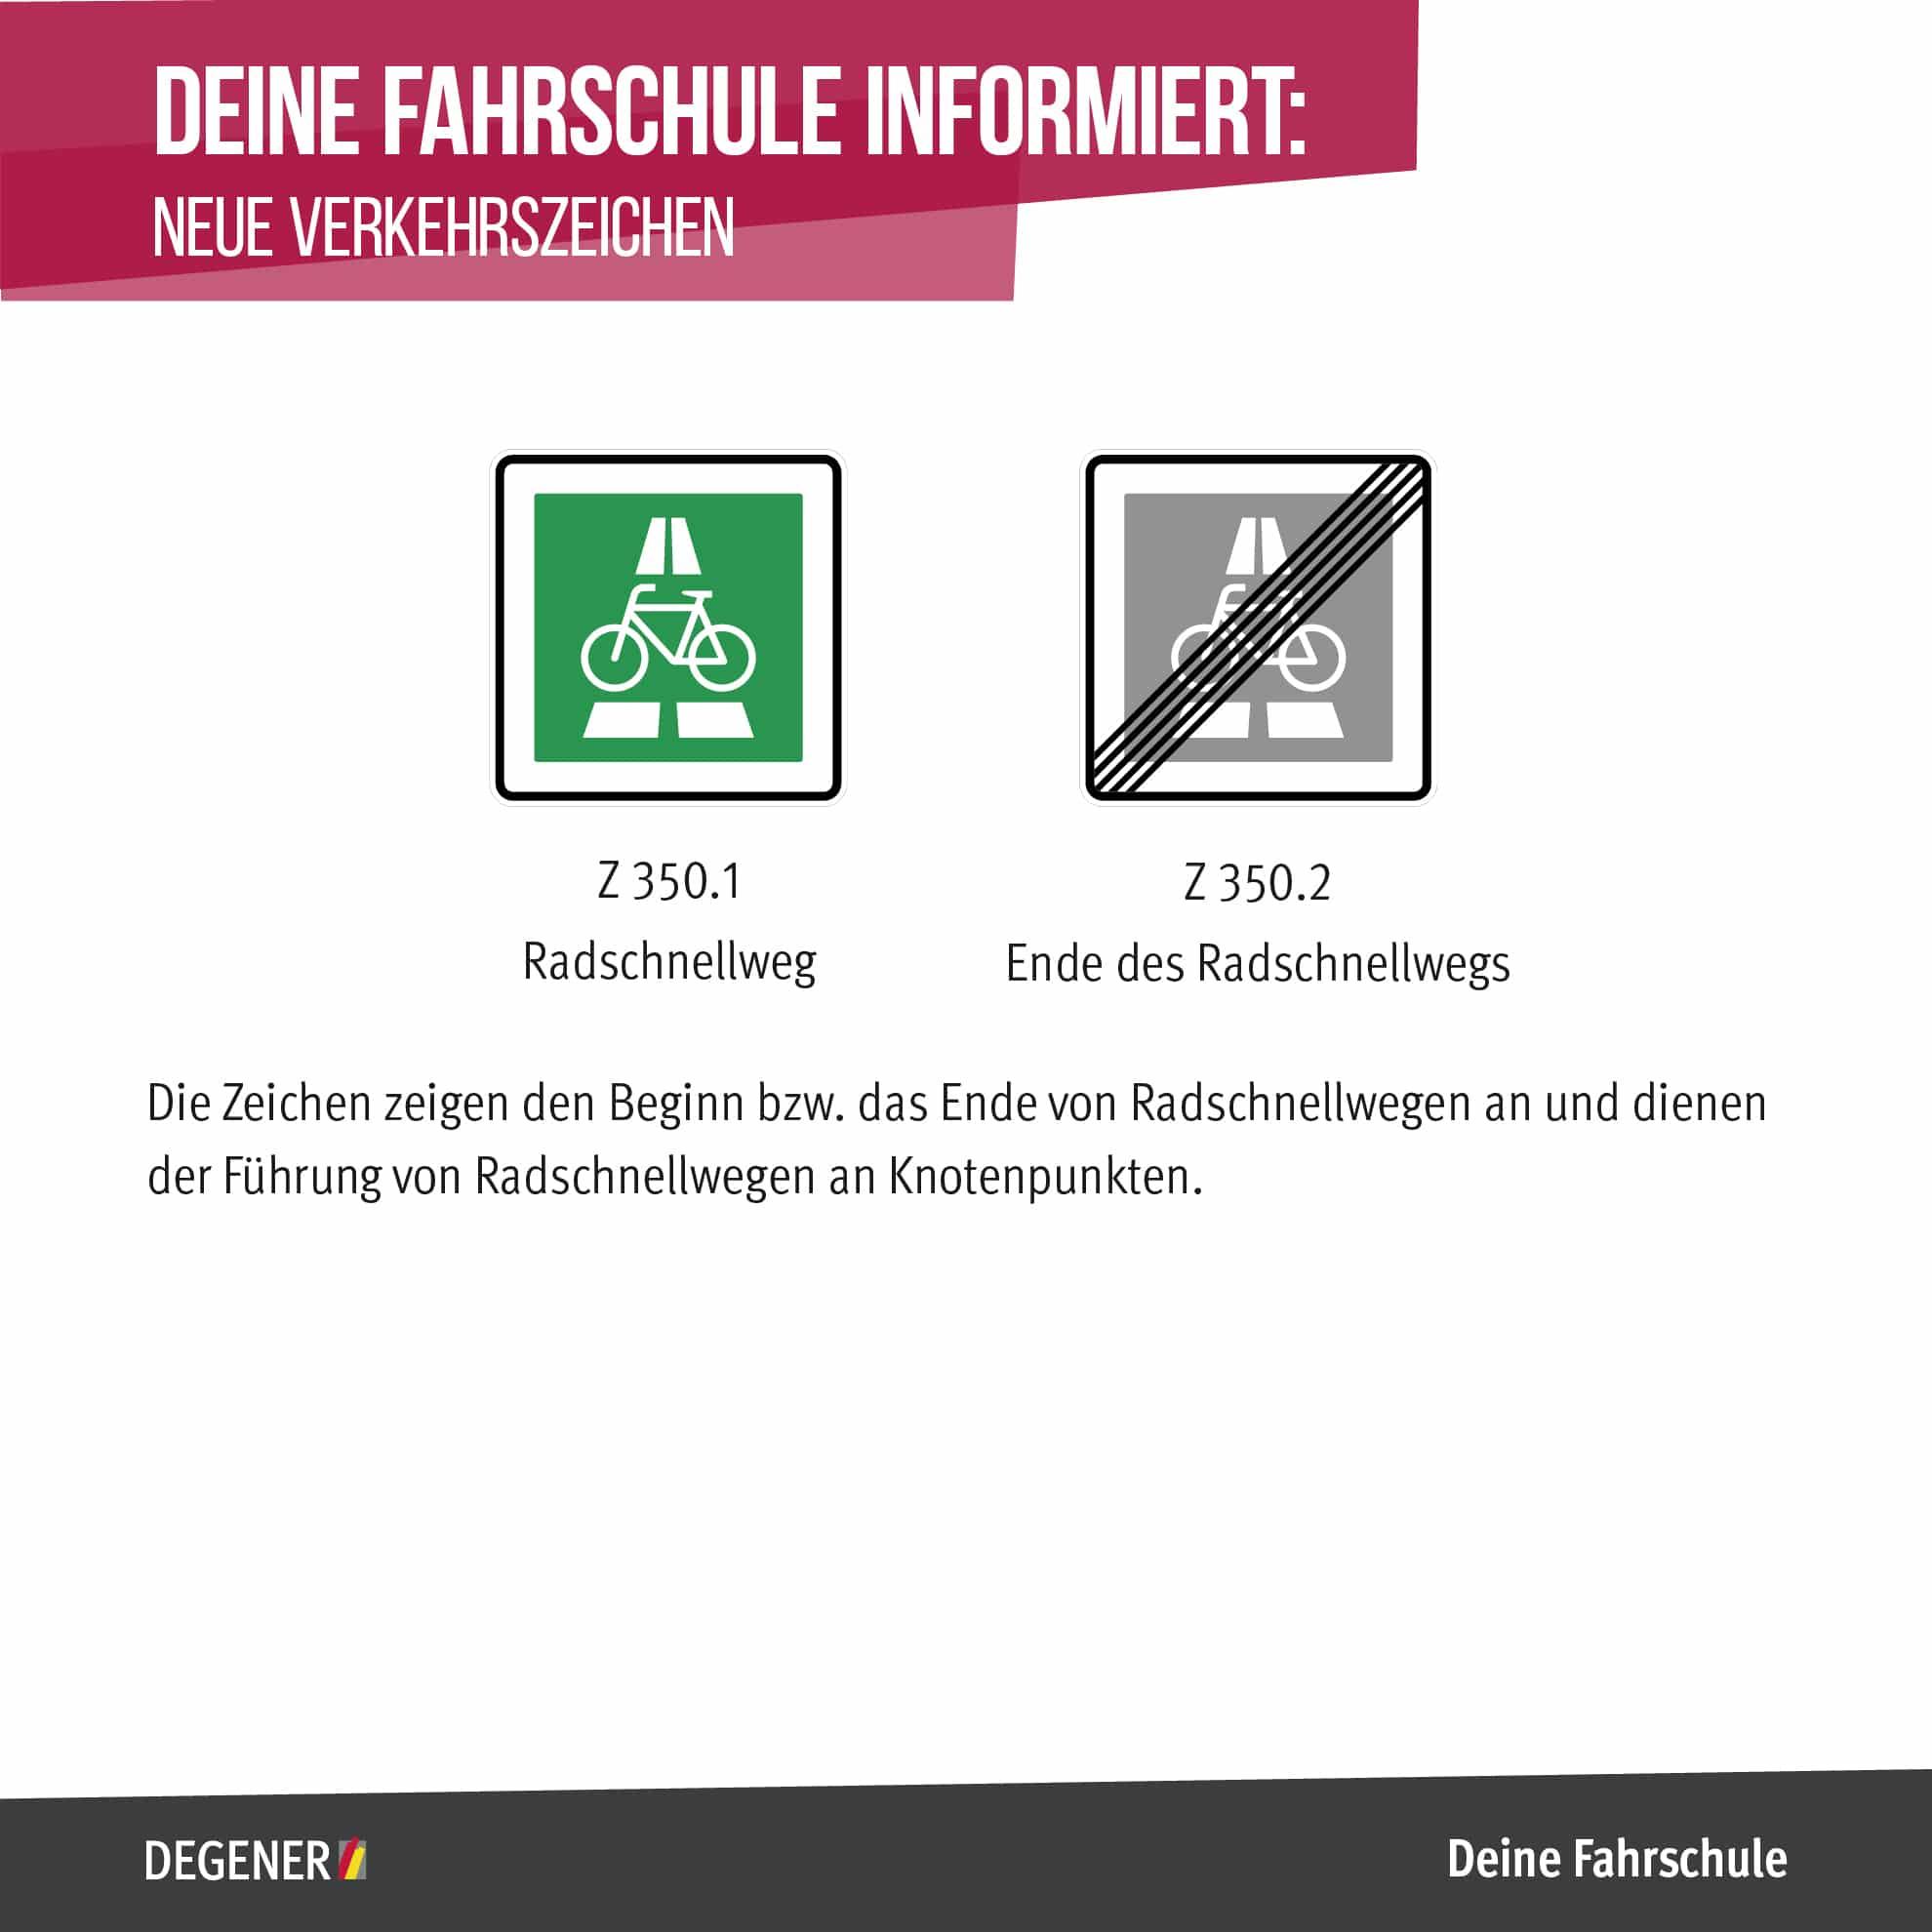 04_Deine-FS-informiert-neue-Verkehrszeichen